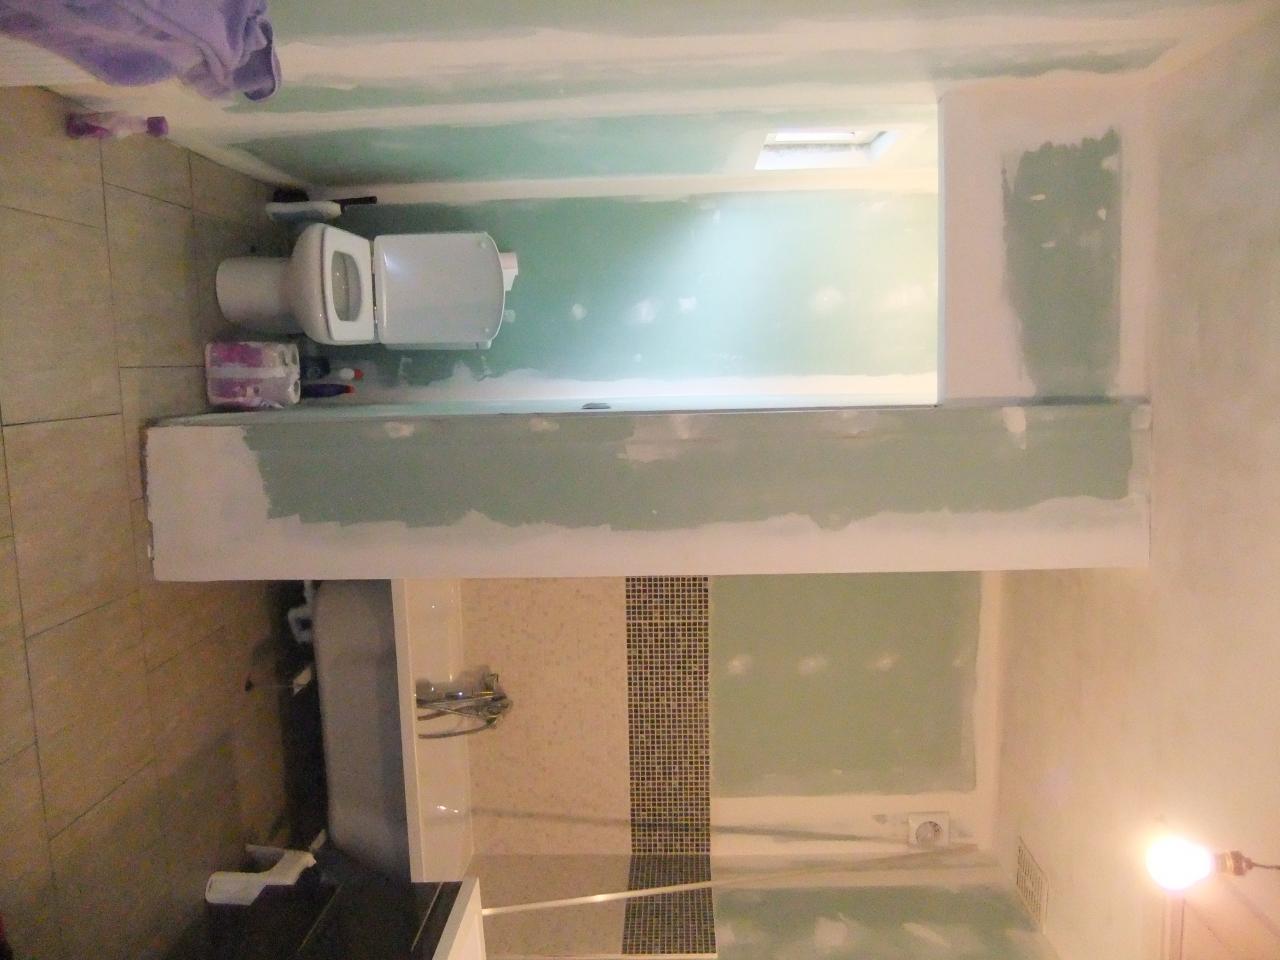 Humidité Localisée Salle De Bain Refaite - Humidite salle de bain